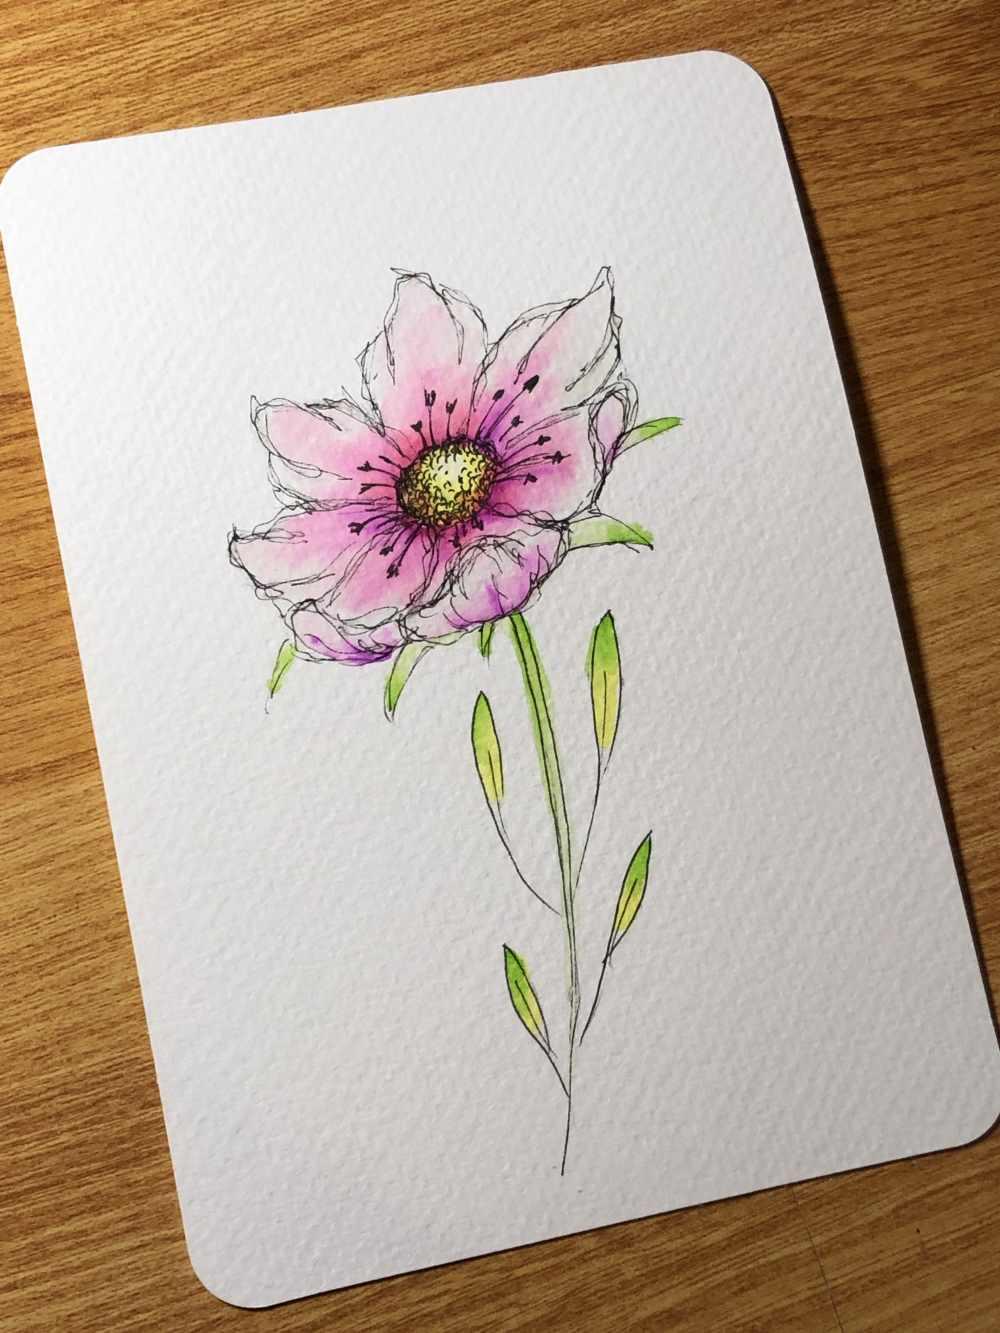 einfache bunte Blume dank der Ellipsentechnik selber zeichnen